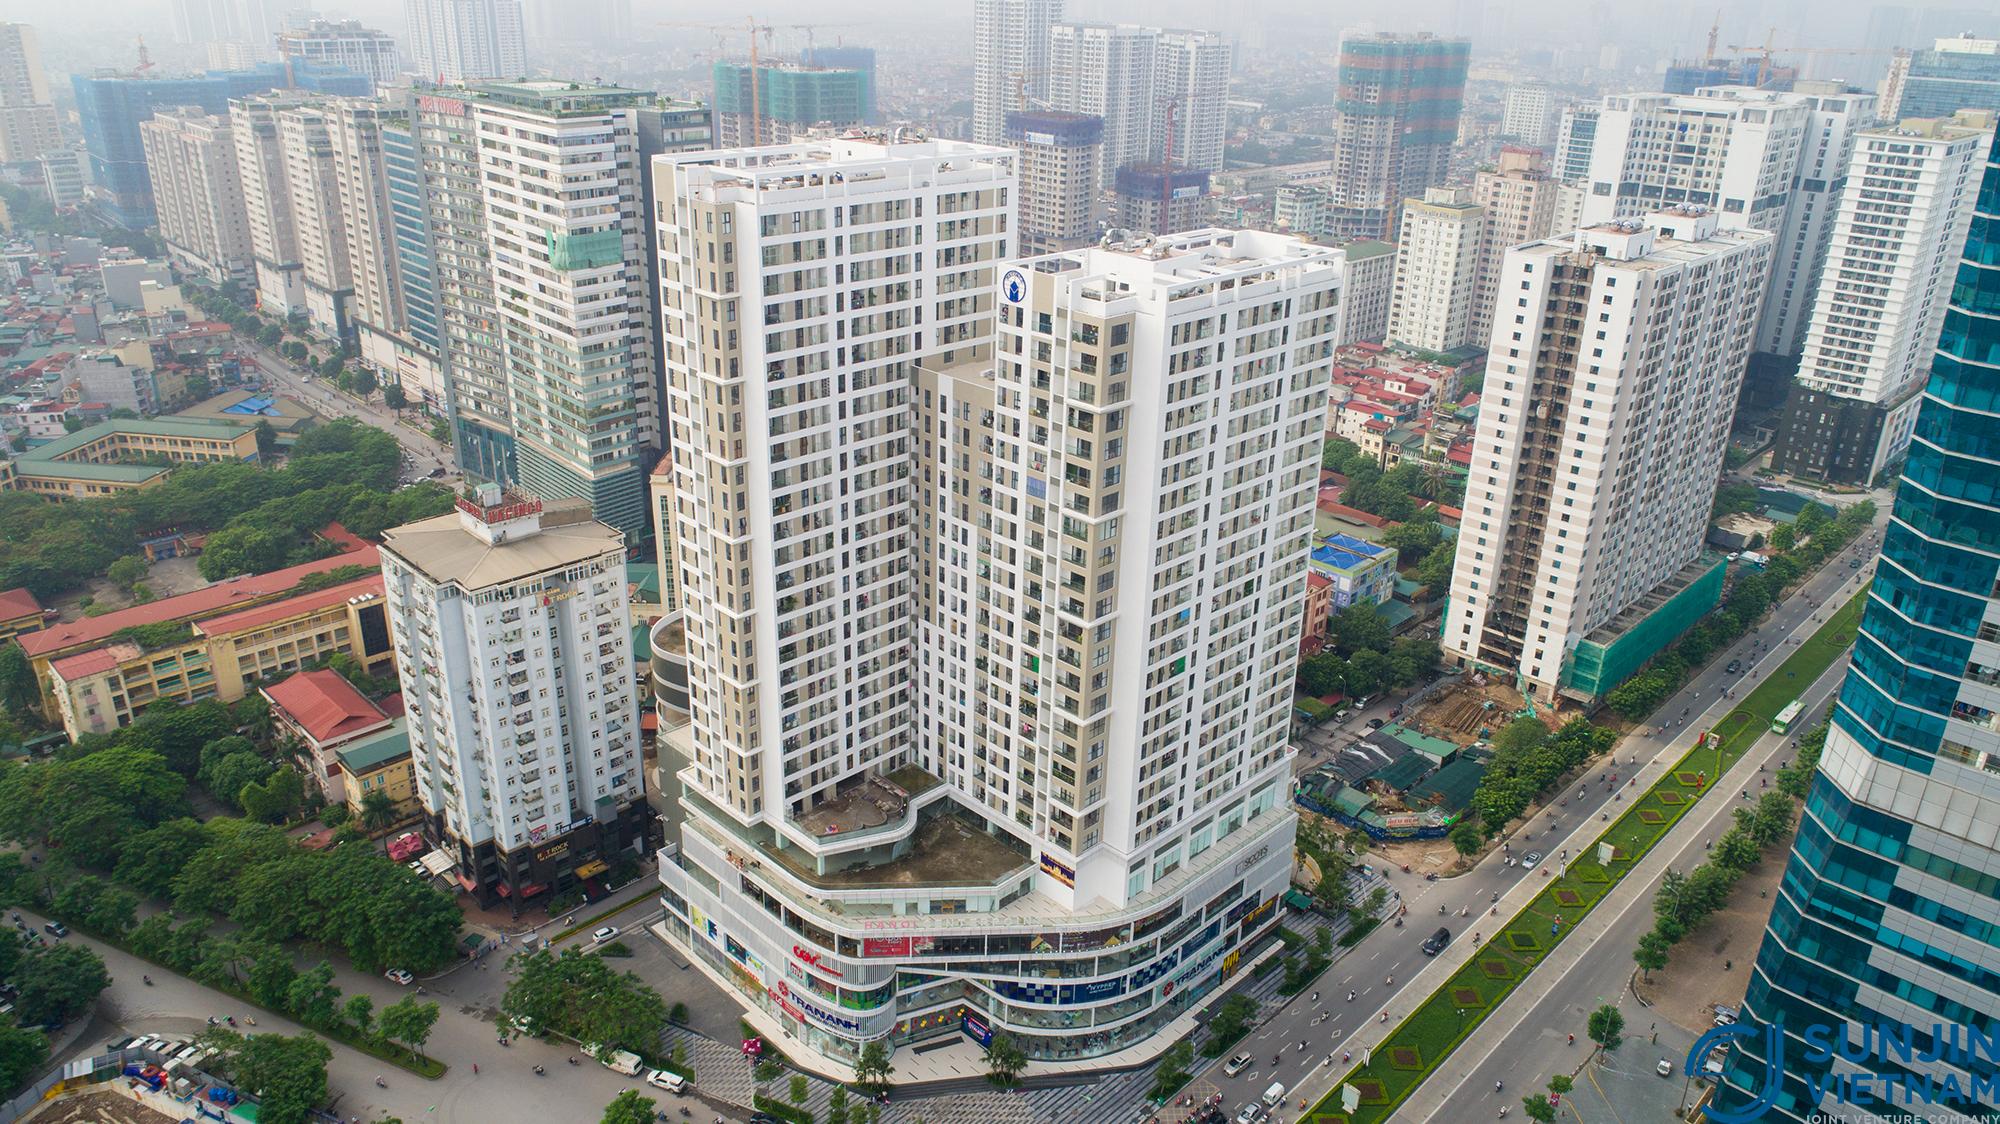 Chung cư Hacinco Complex - Hà Nội Center Point